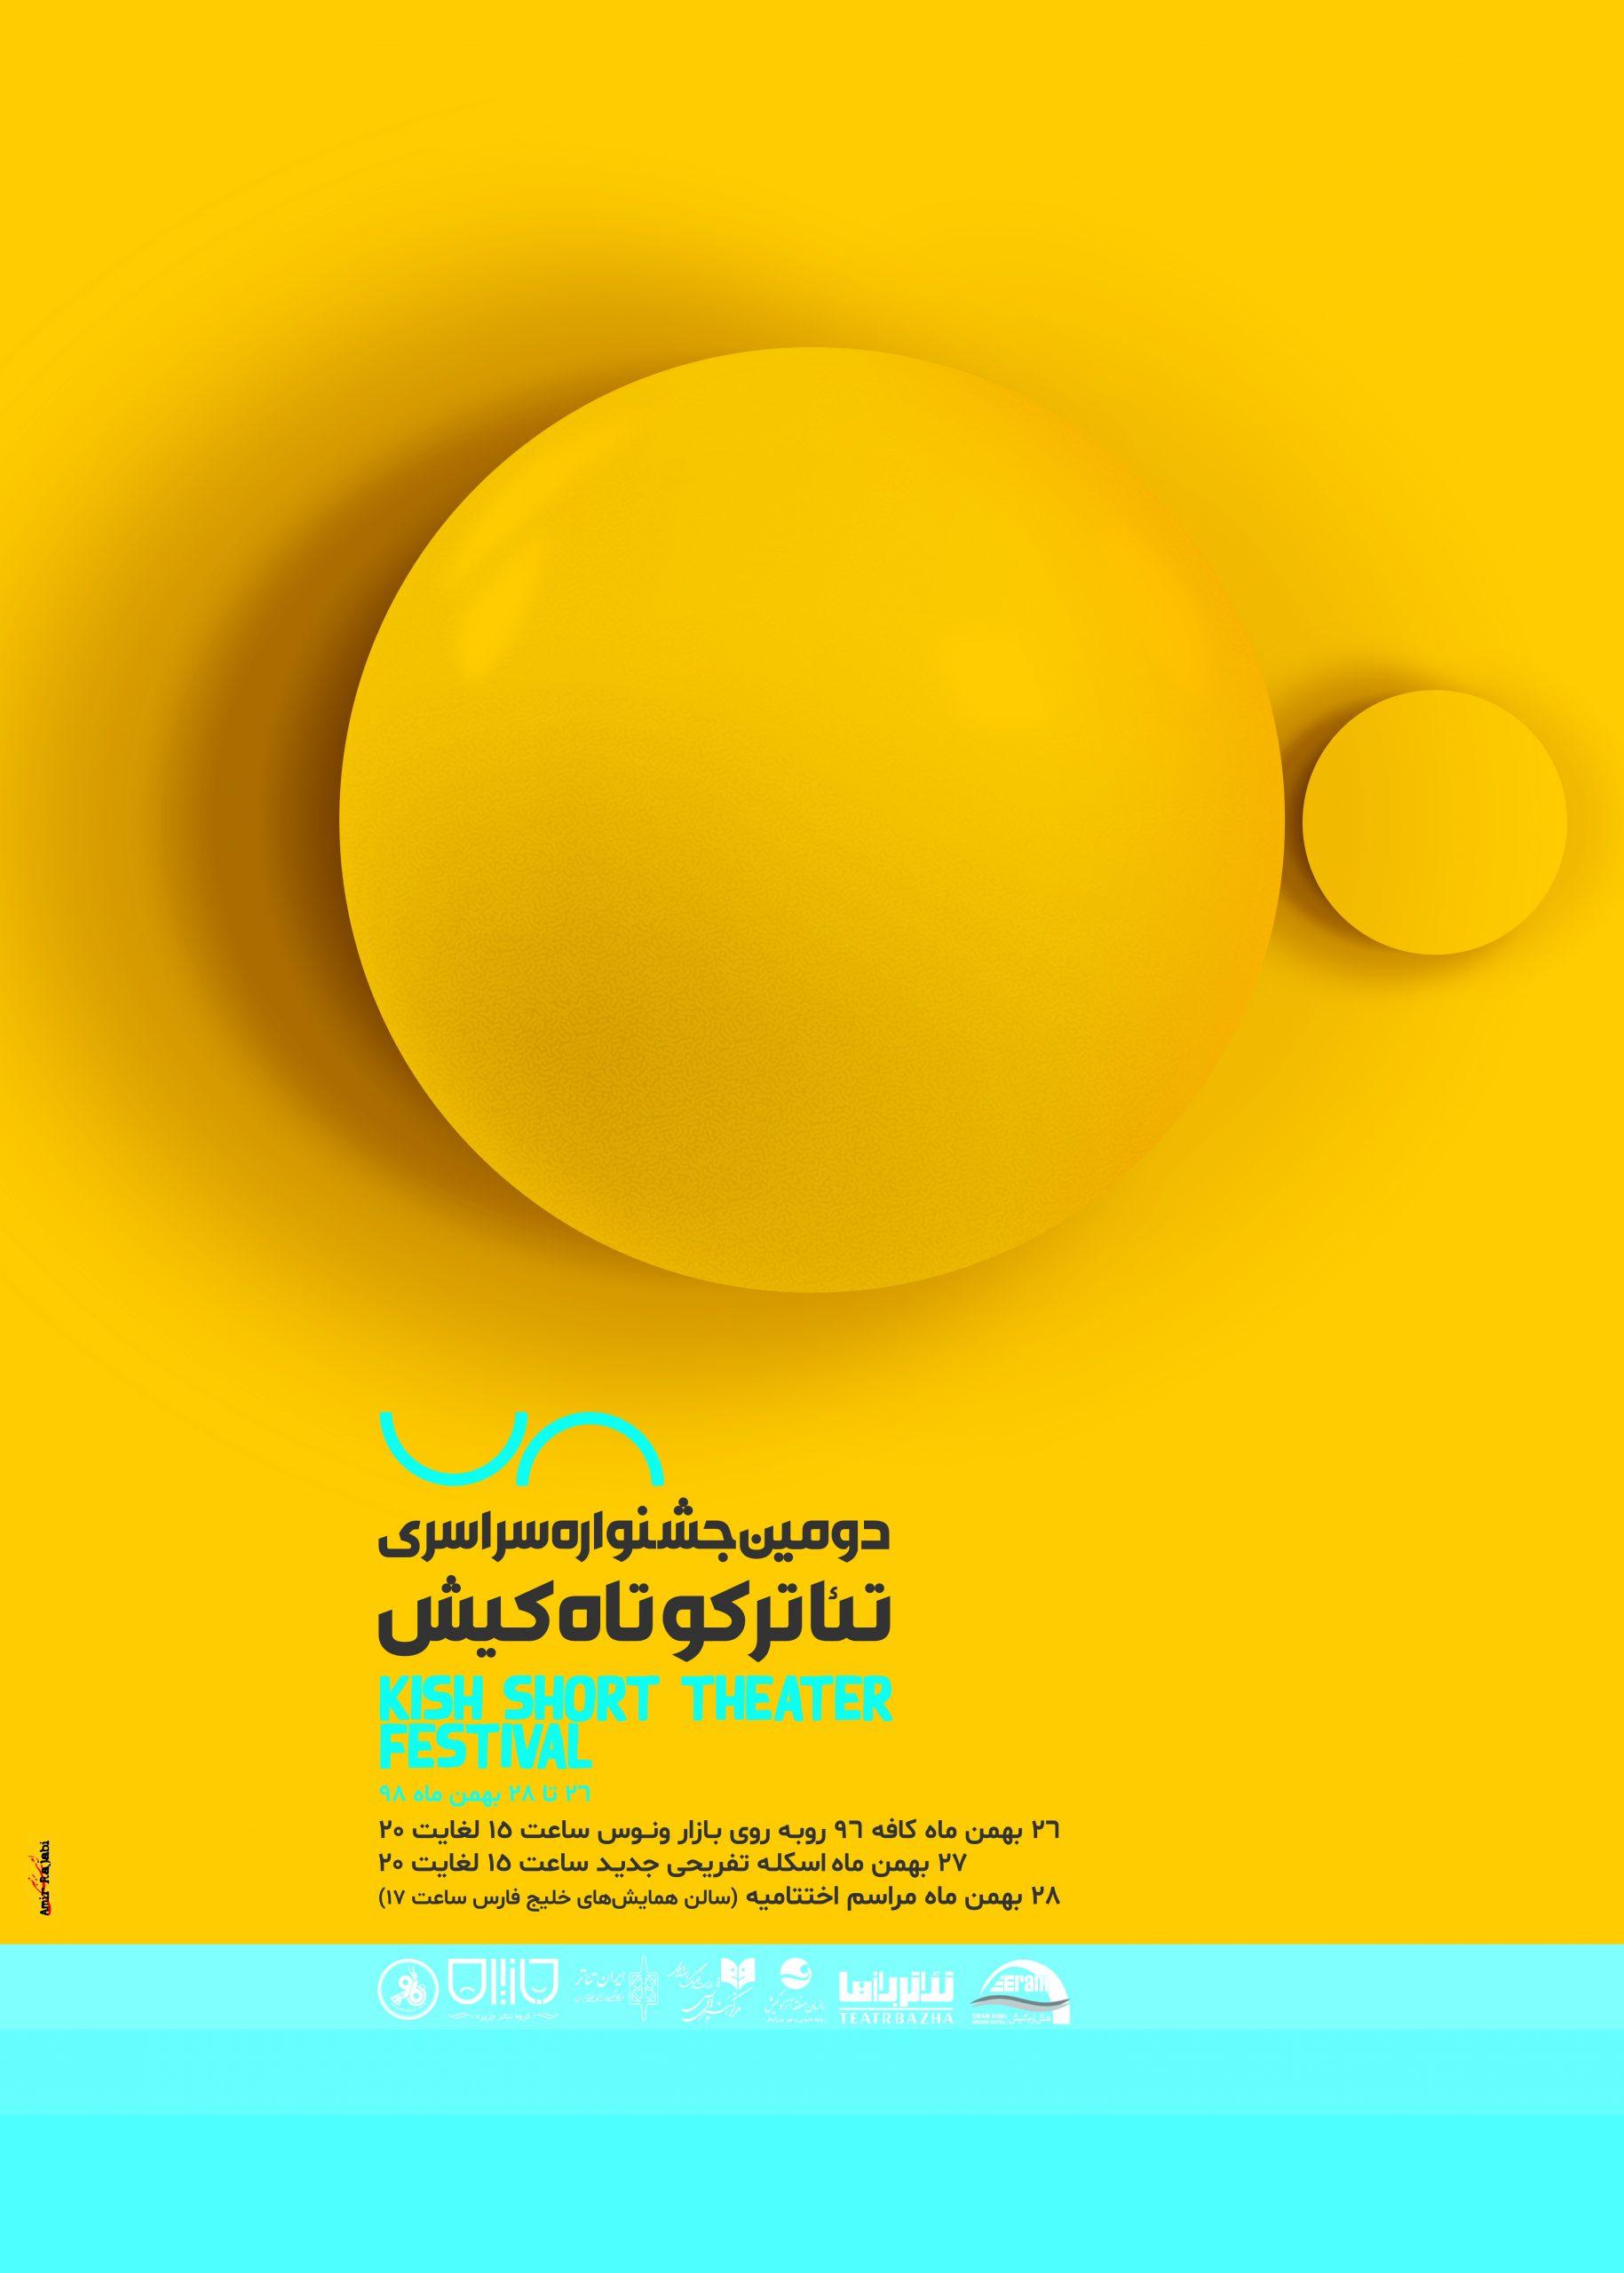 پوستر دومین جشنواره سراسری تئاتر کوتاه کیش